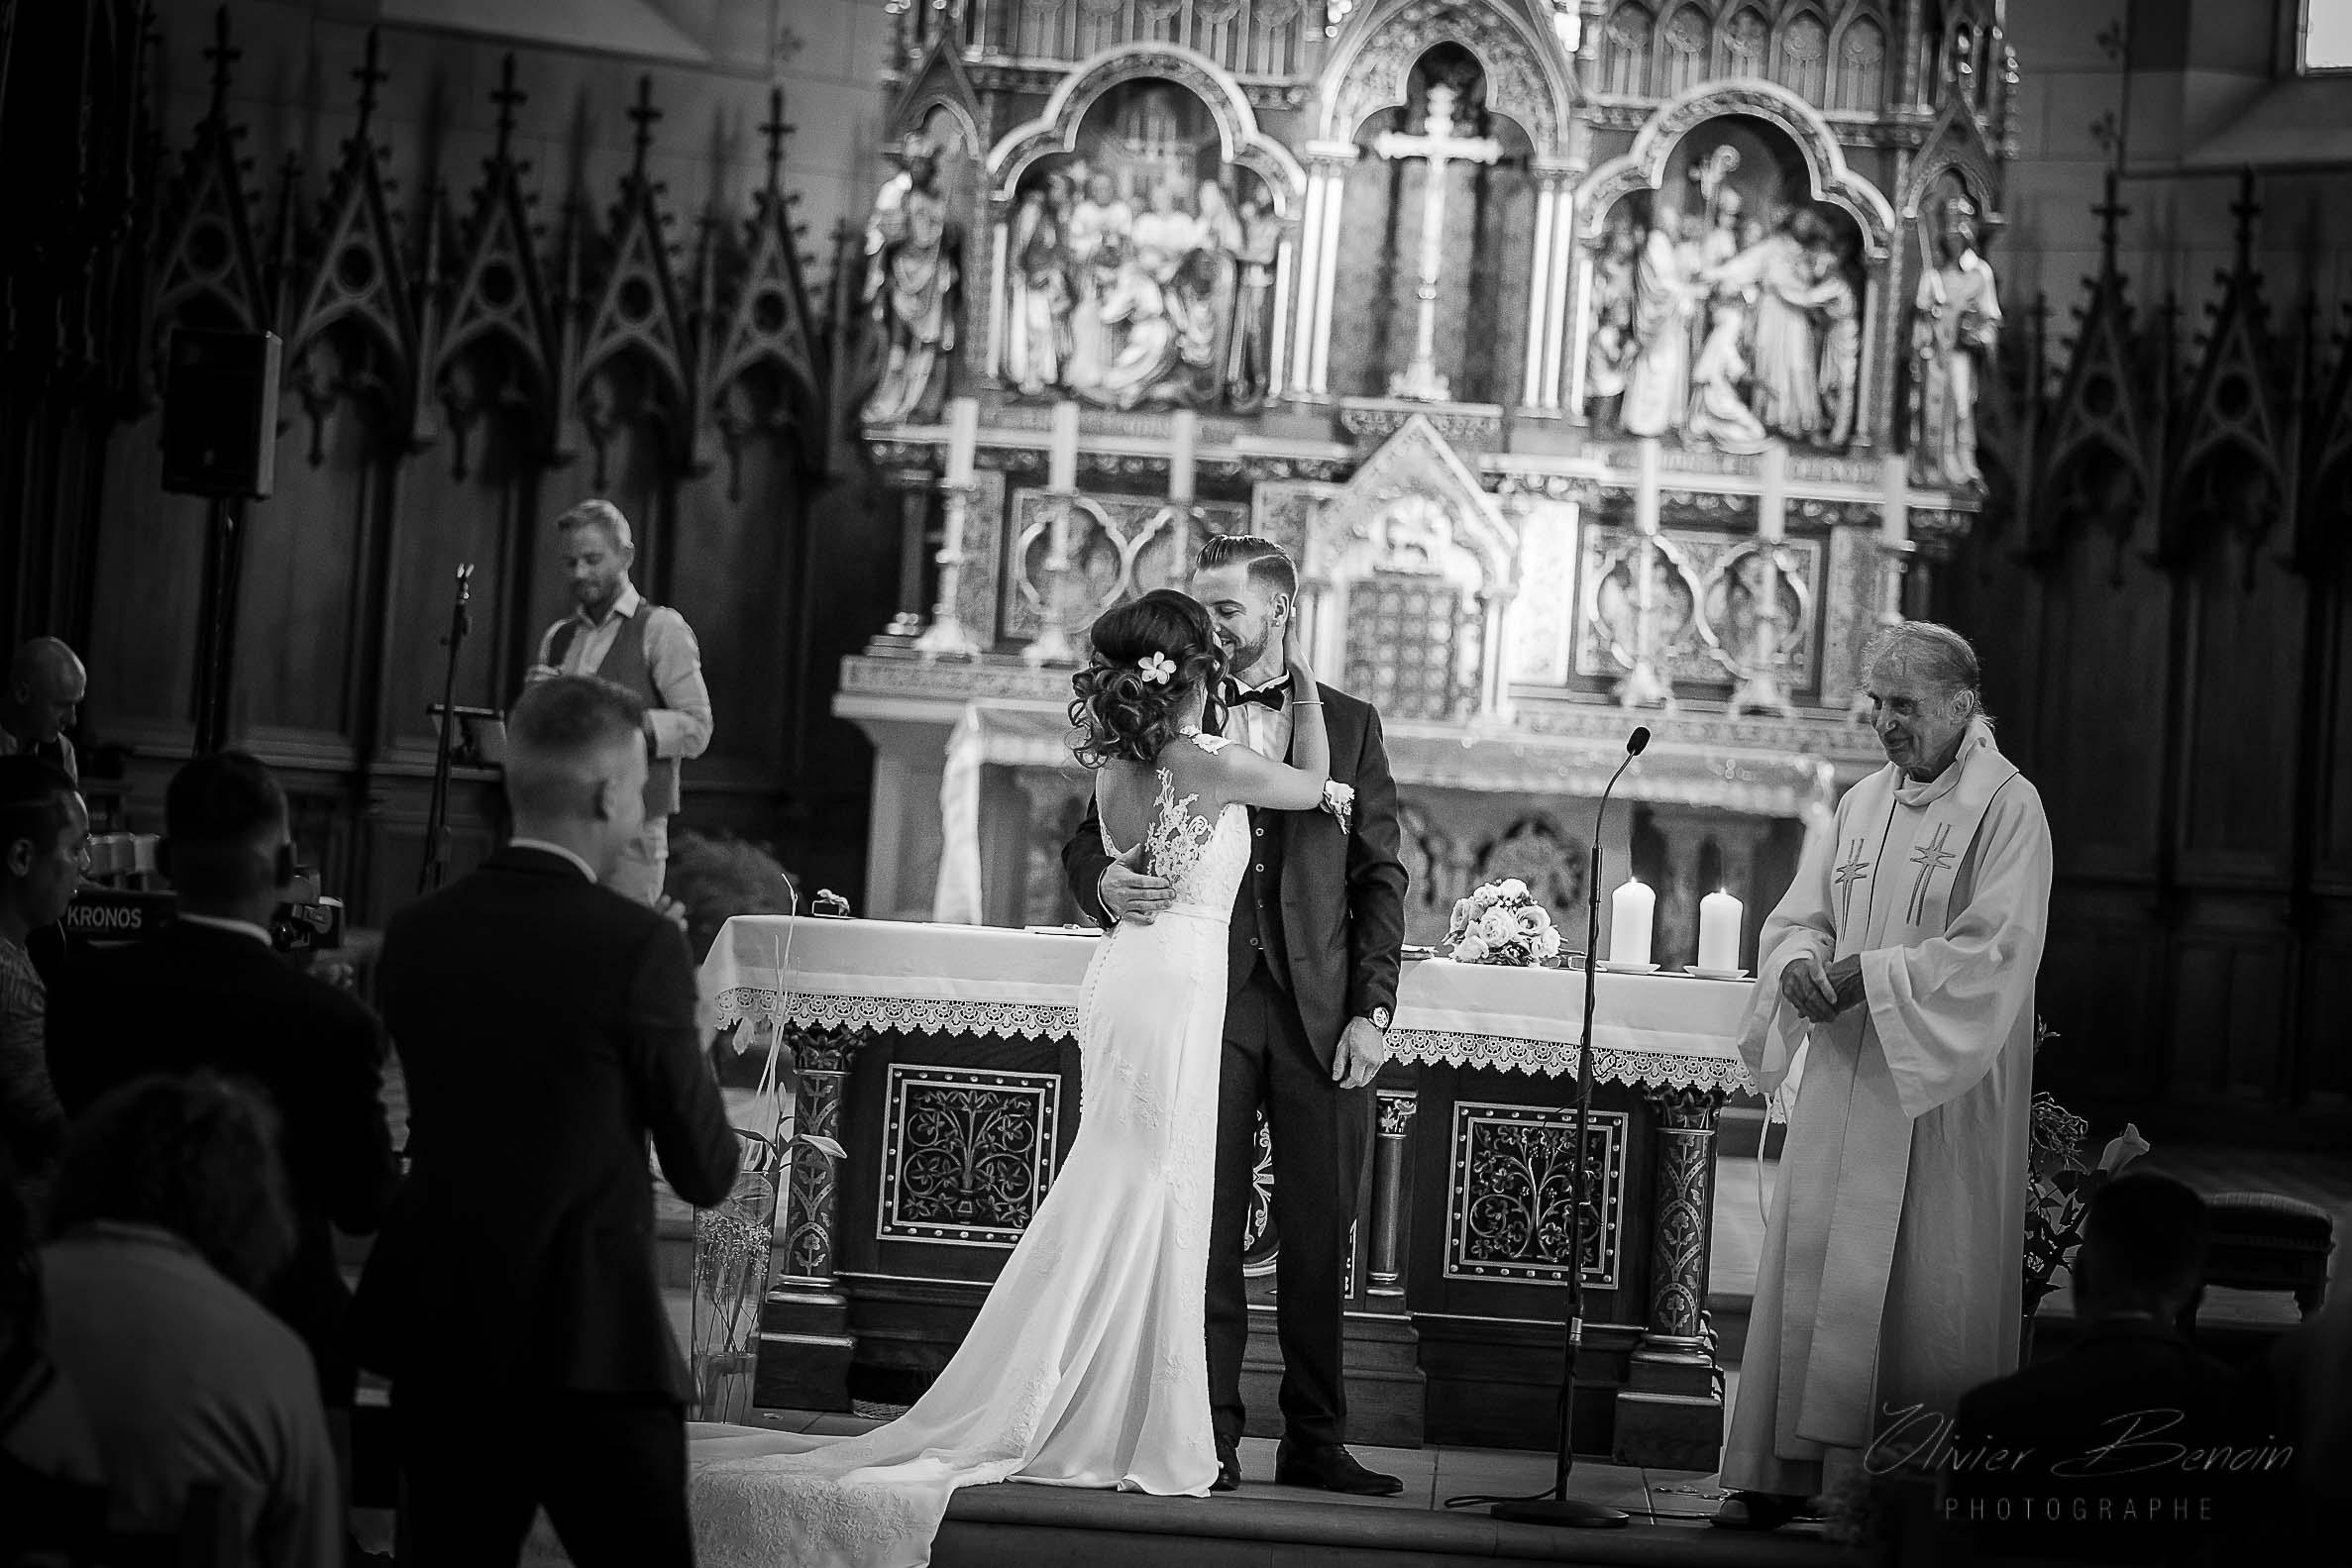 Bisous volé pour la mariée dan sl'église de Pfaffenheim dans le Haut-Rhin